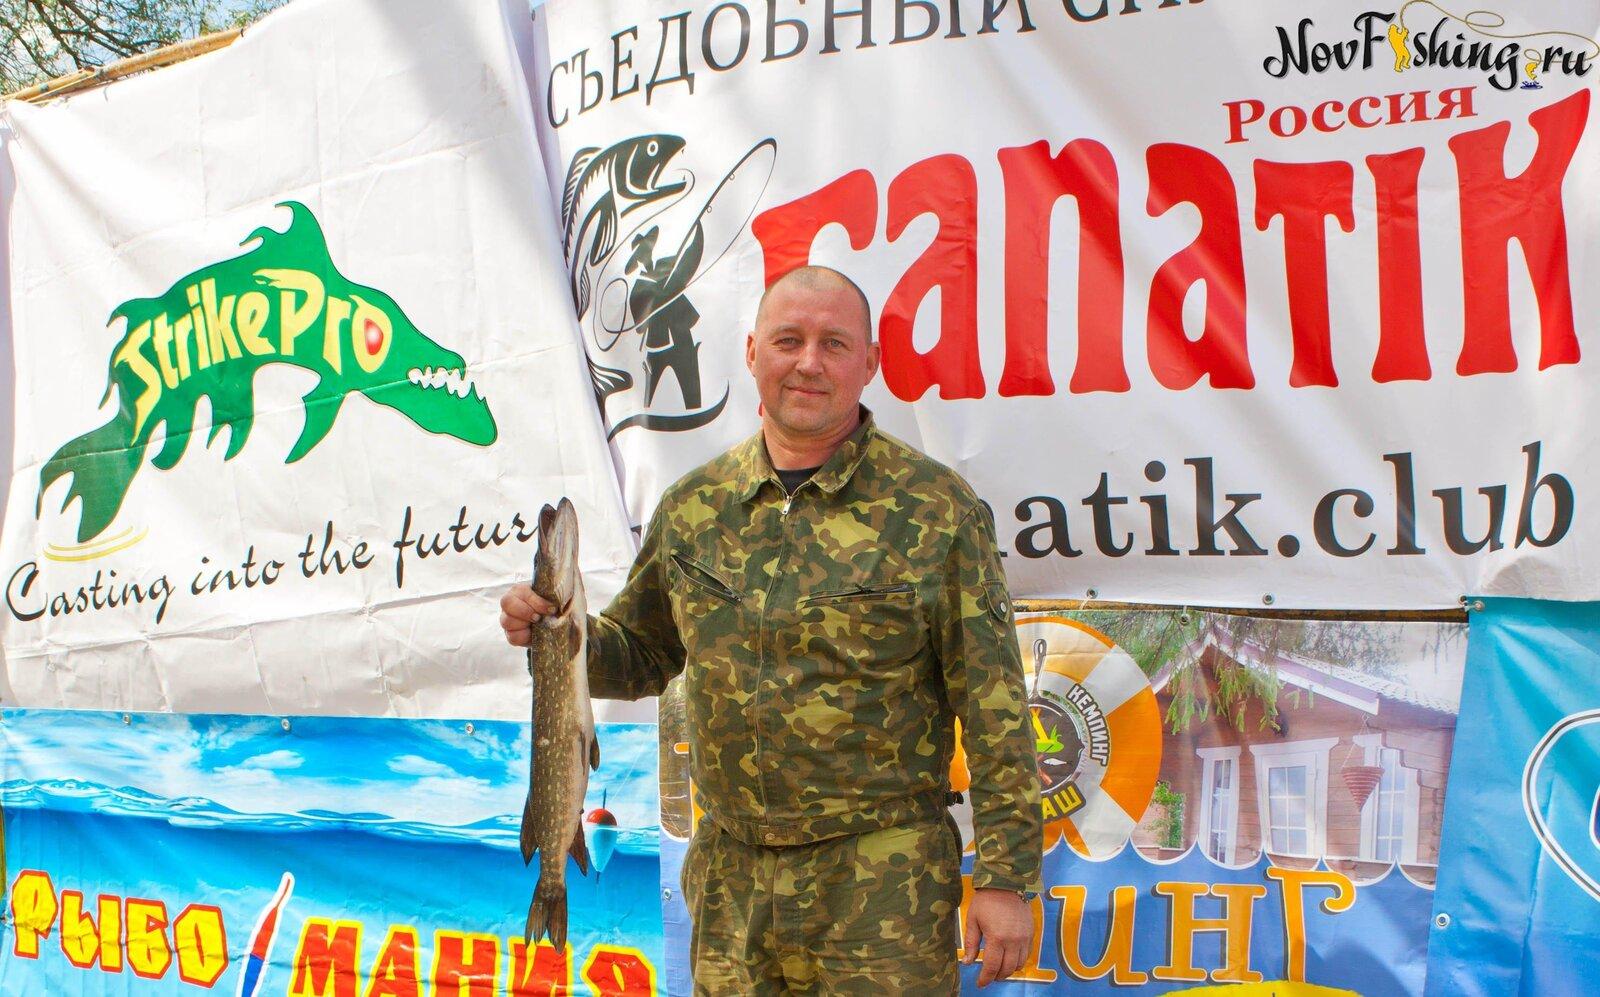 Порыбалки (68 of 1).jpg